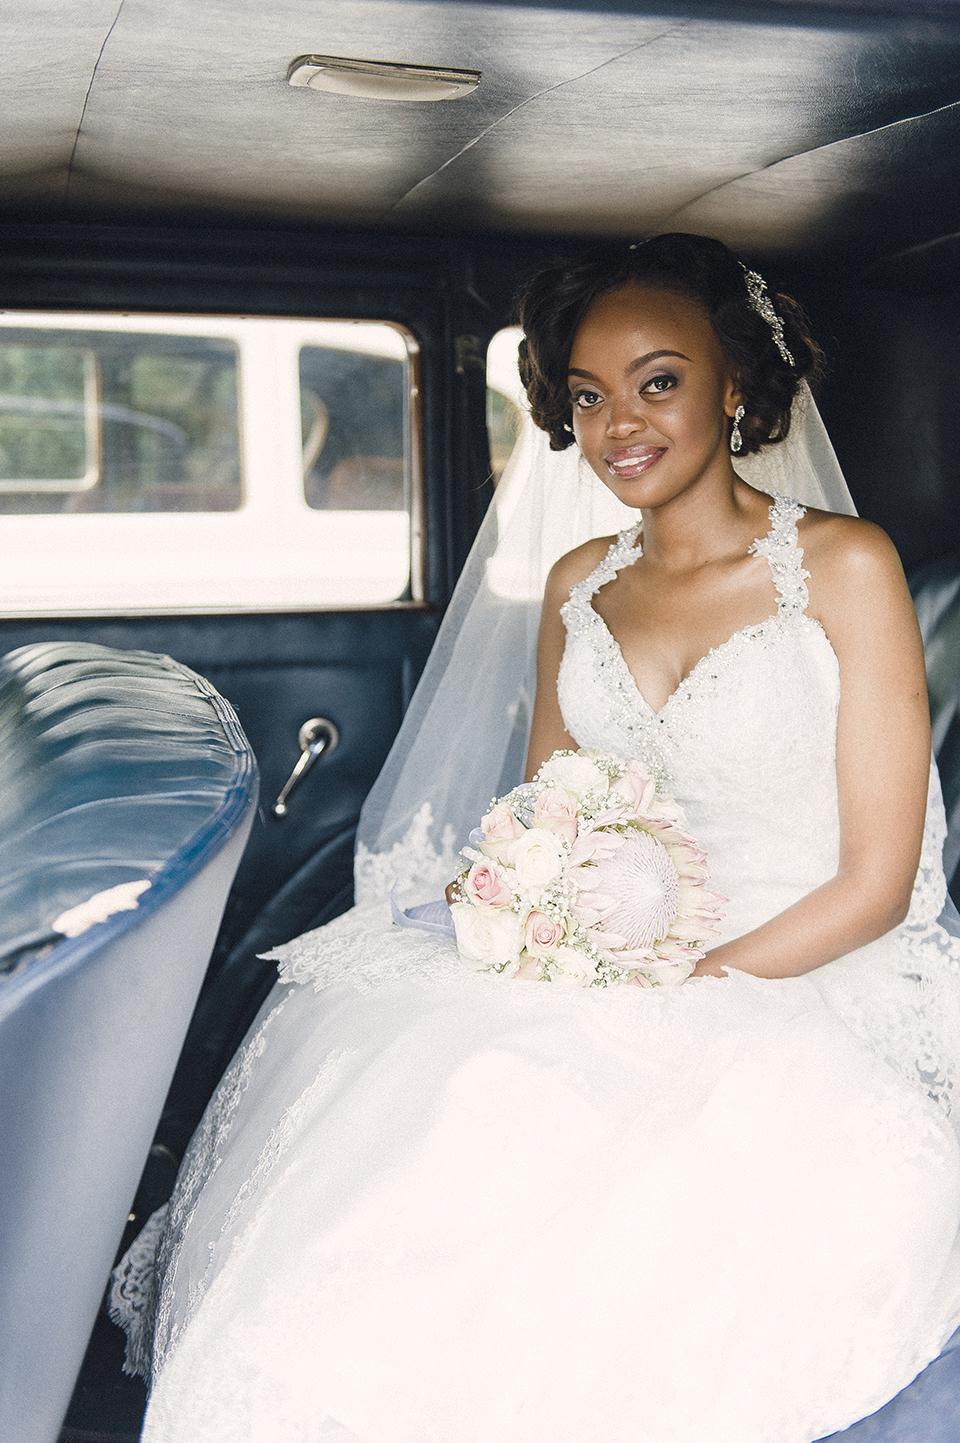 RyanParker_WeddingPhotographer_FineArt_CapeTown_Johannesburg_Hermanus_Avianto_T&L_DSC_8983.jpg